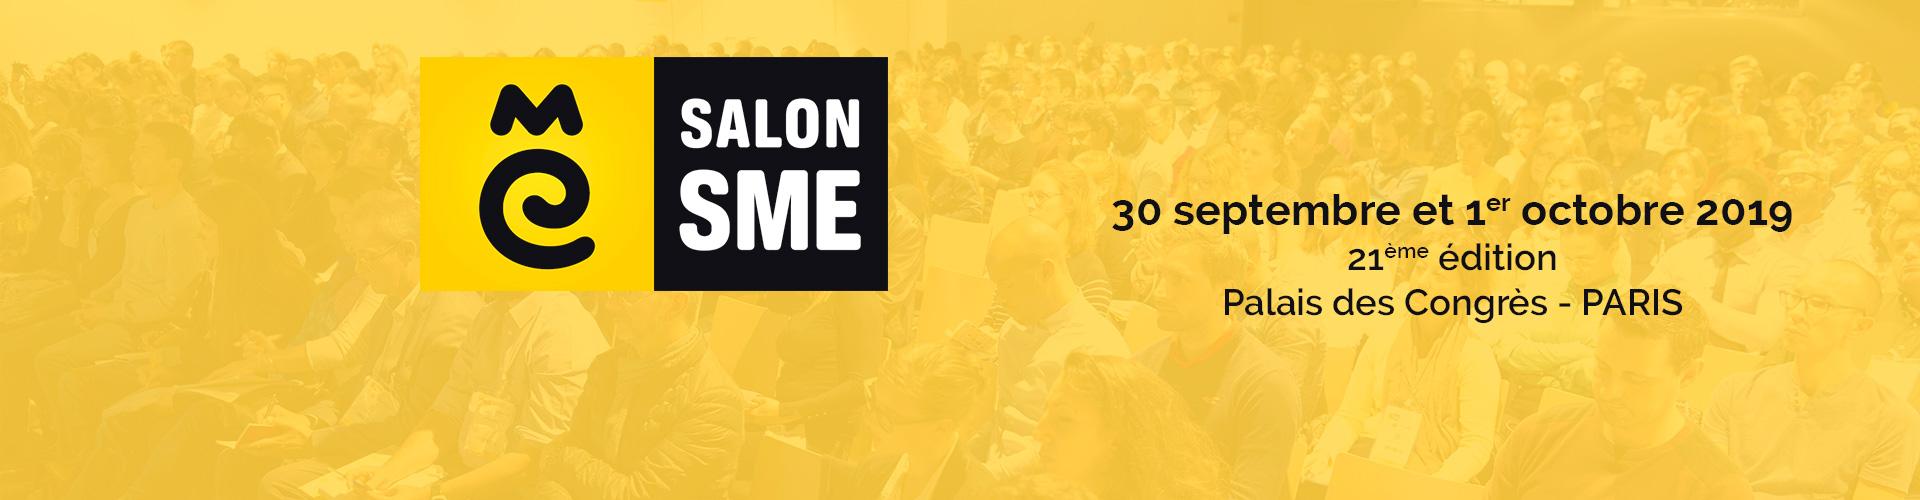 SME Le Salon des rencontres décisives (ex salon des micro-entreprises)